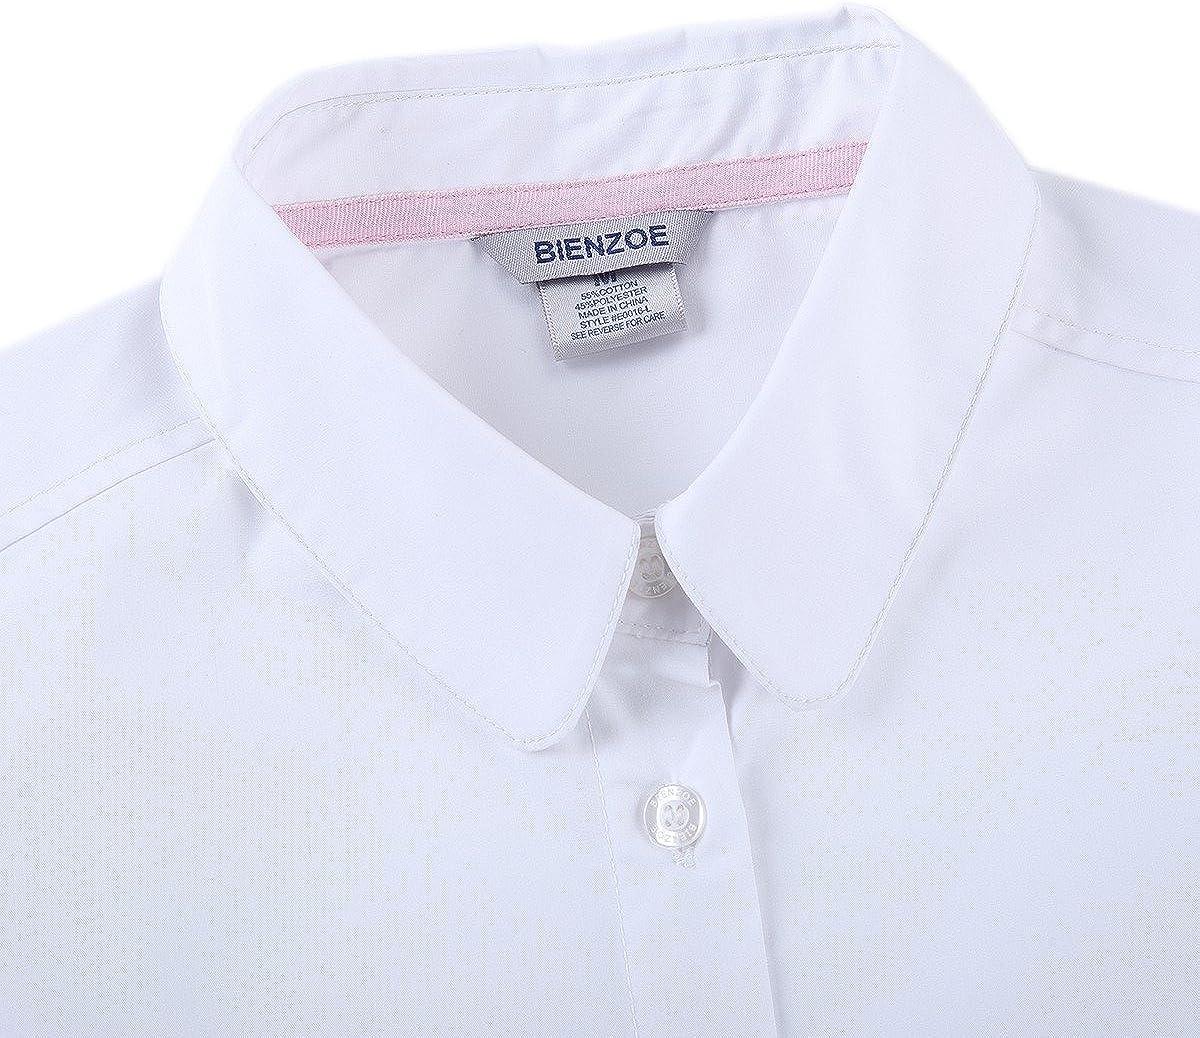 Bienzoe M/ädchen Schuluniformen Oxford Blusen Krawatte Satz